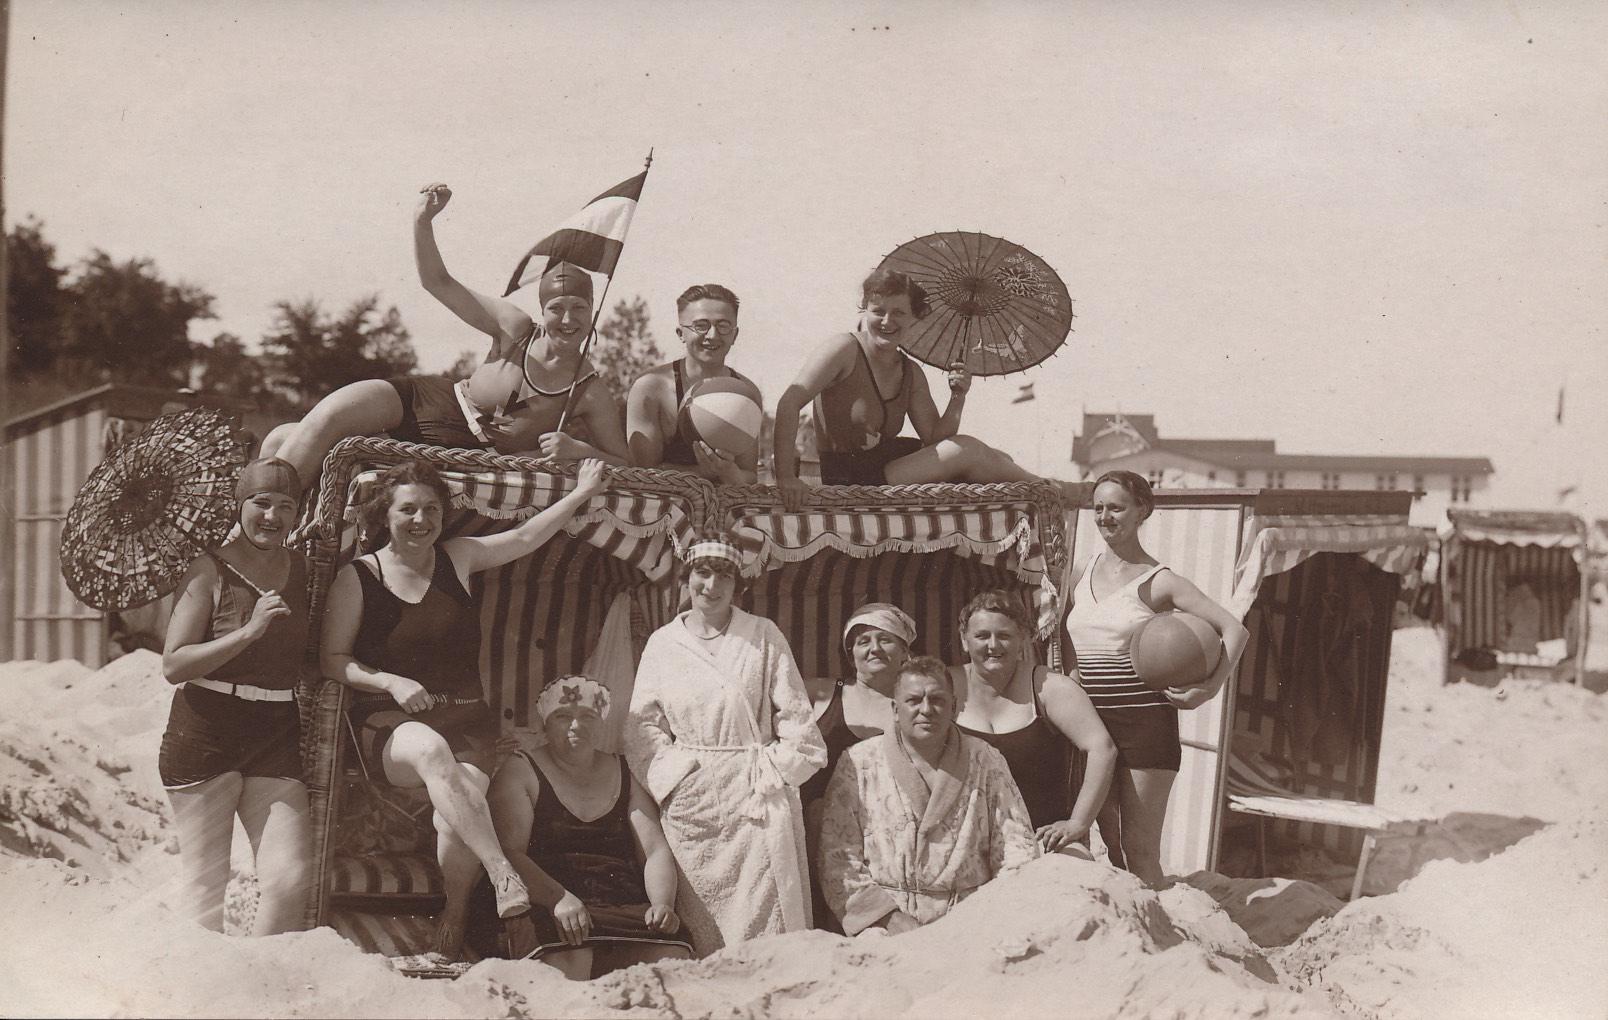 Historisches Foto mit Menschen am Strand in alten Strandkörben | Kaiserbäder Usedom